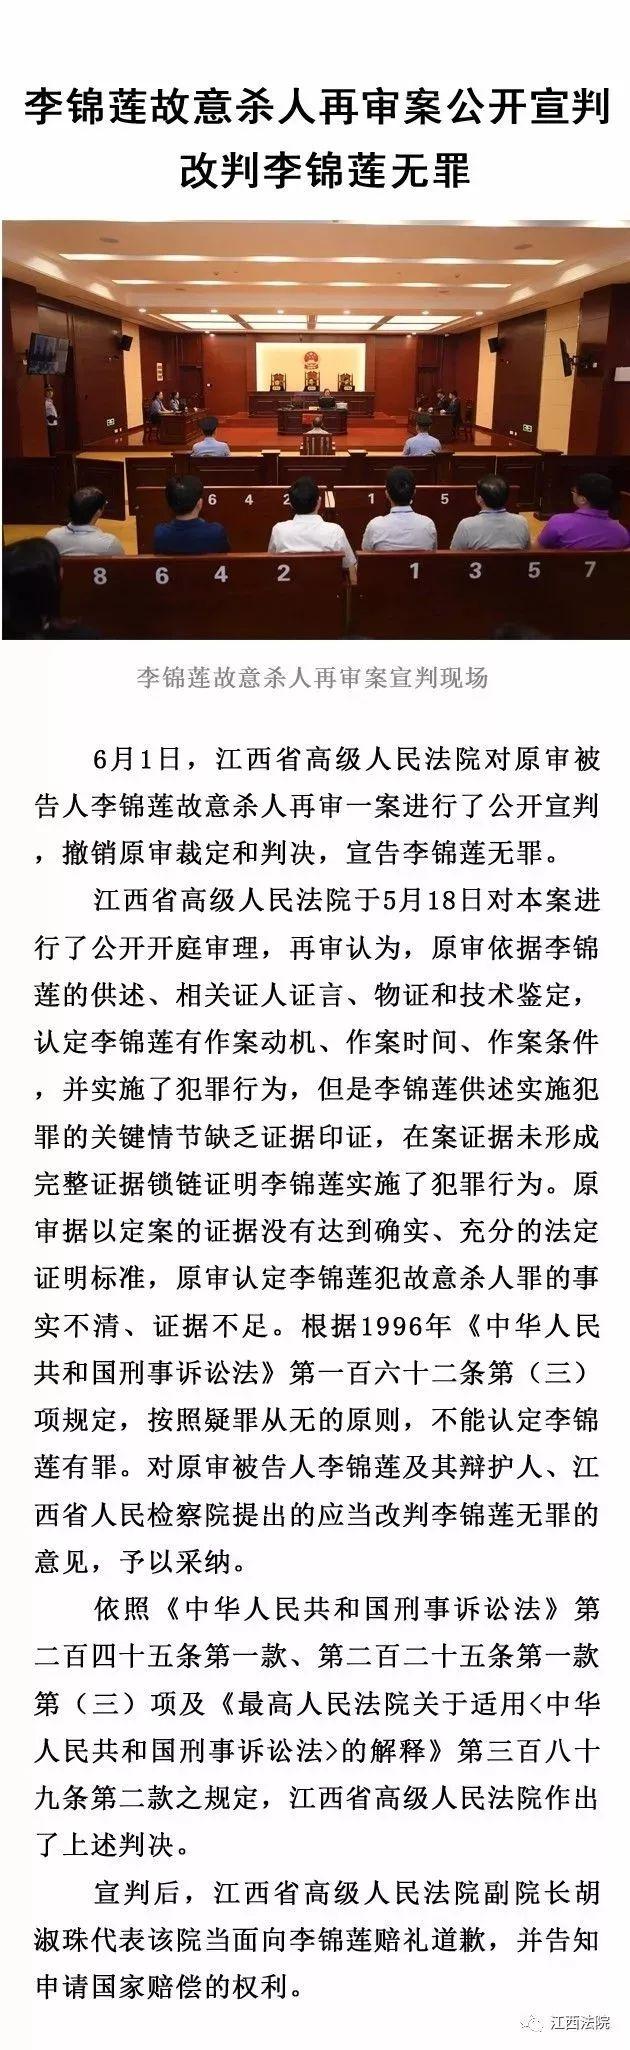 李锦莲故意杀人再审案公开宣判 江西高院改判李锦莲无罪 !